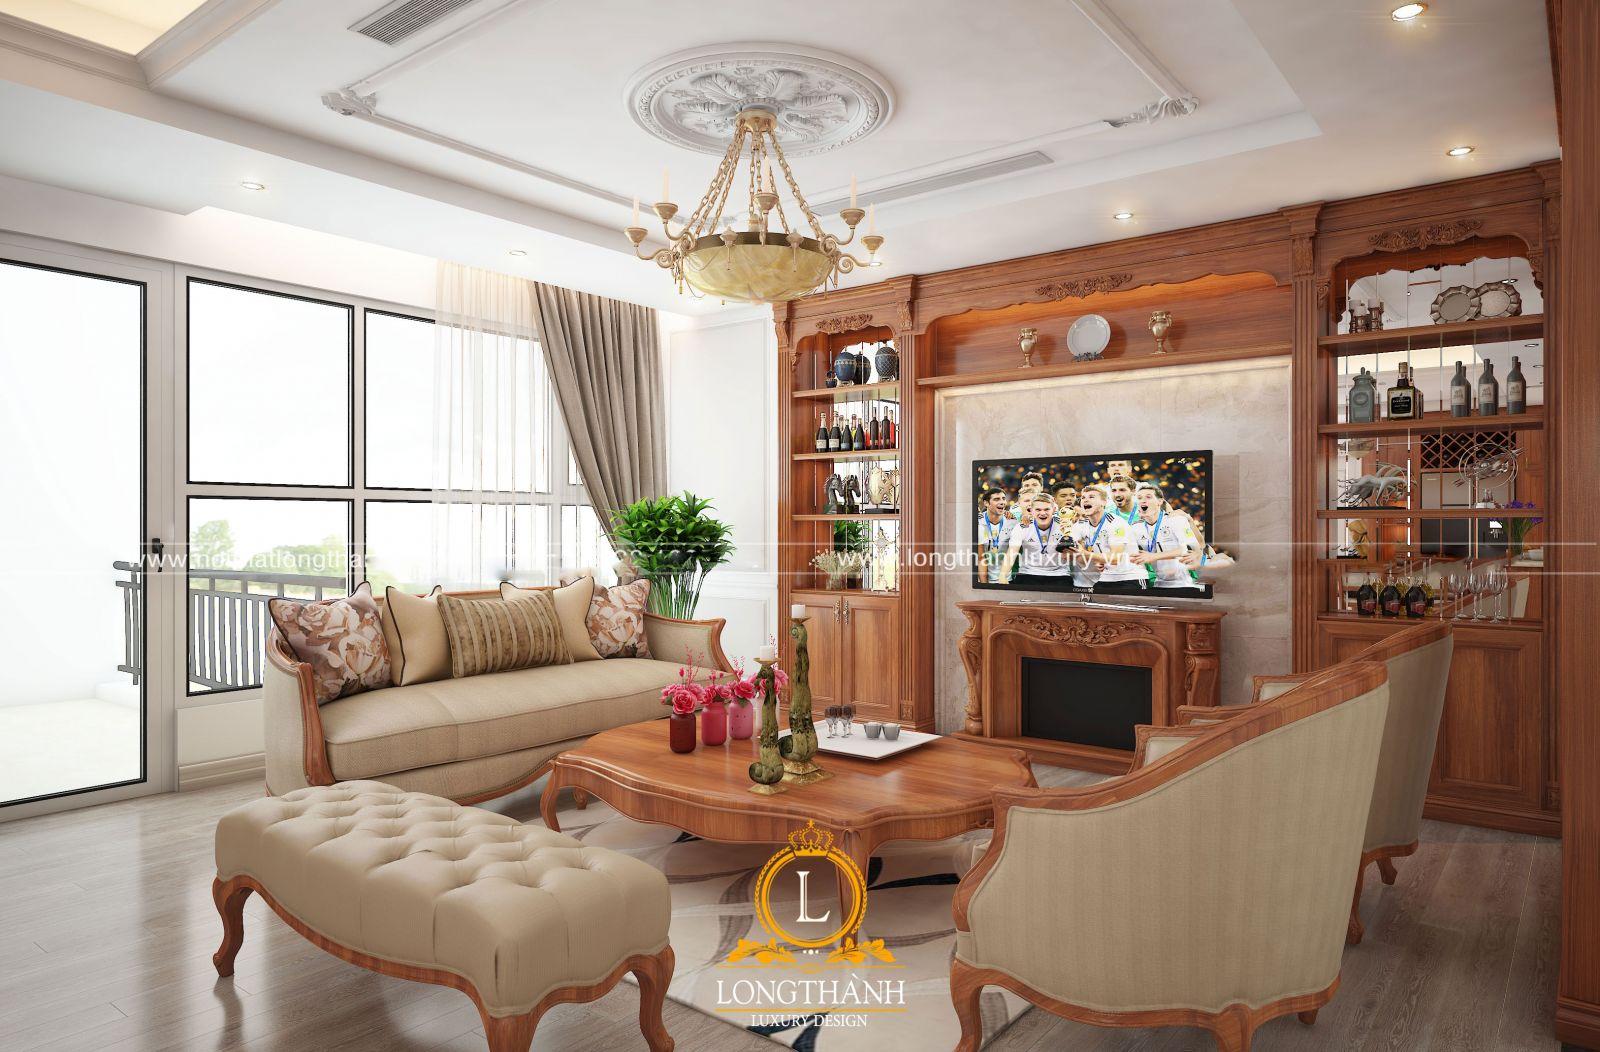 Ánh sáng ảnh hưởng trực tiếp đến không gian nội thất tân cổ điển